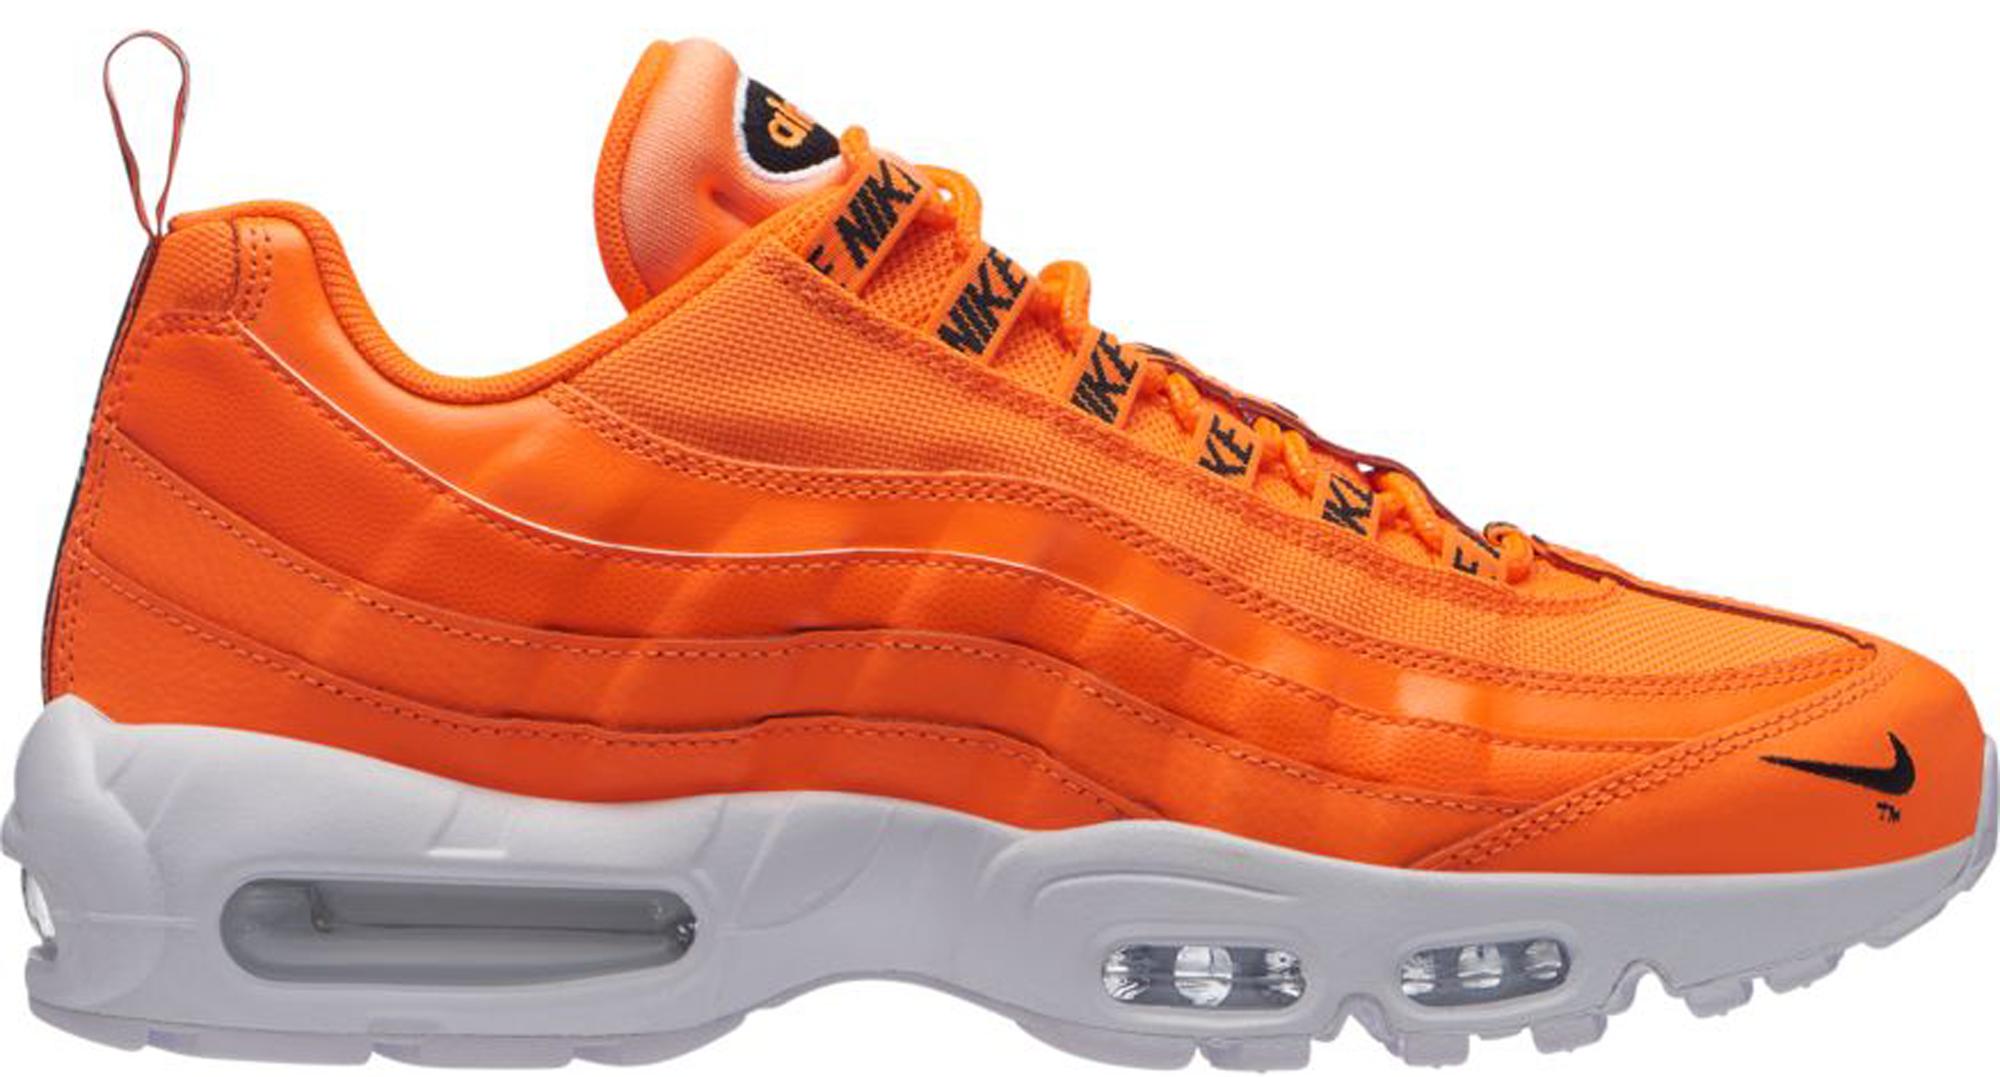 air max 95 safety orange